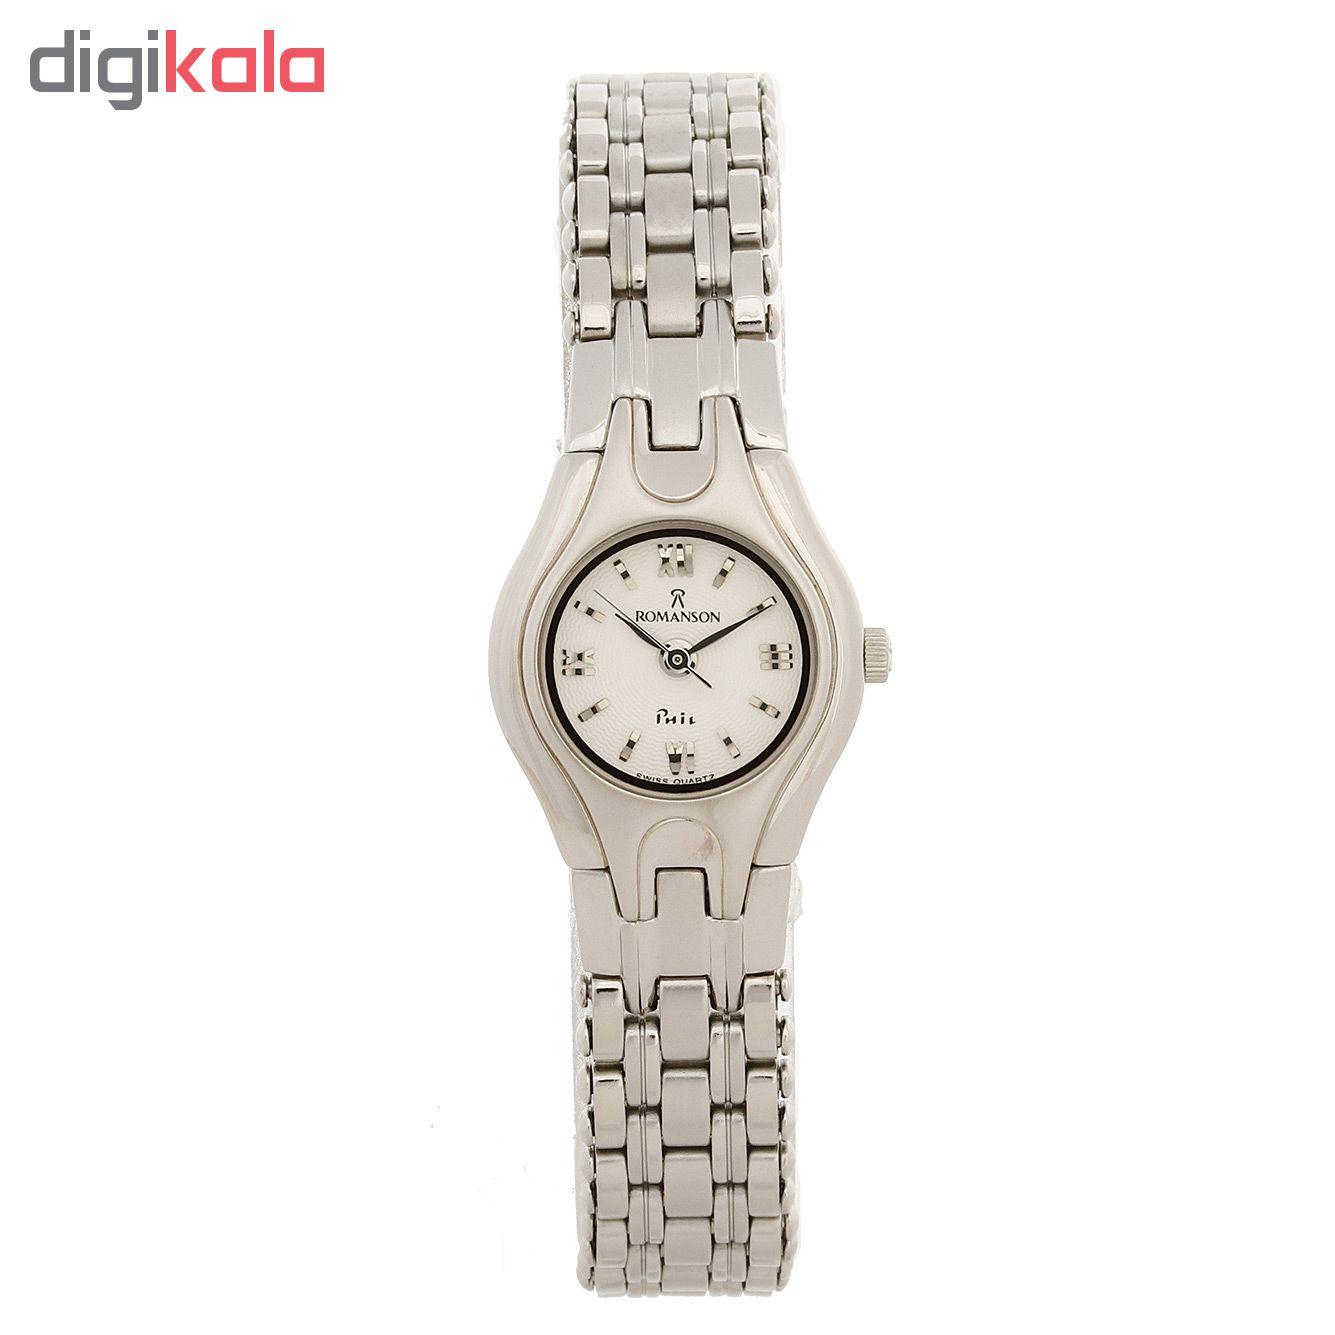 ساعت مچی عقربه ای زنانه رومانسون مدل NM4507LL1WAS2W              خرید (⭐️⭐️⭐️)